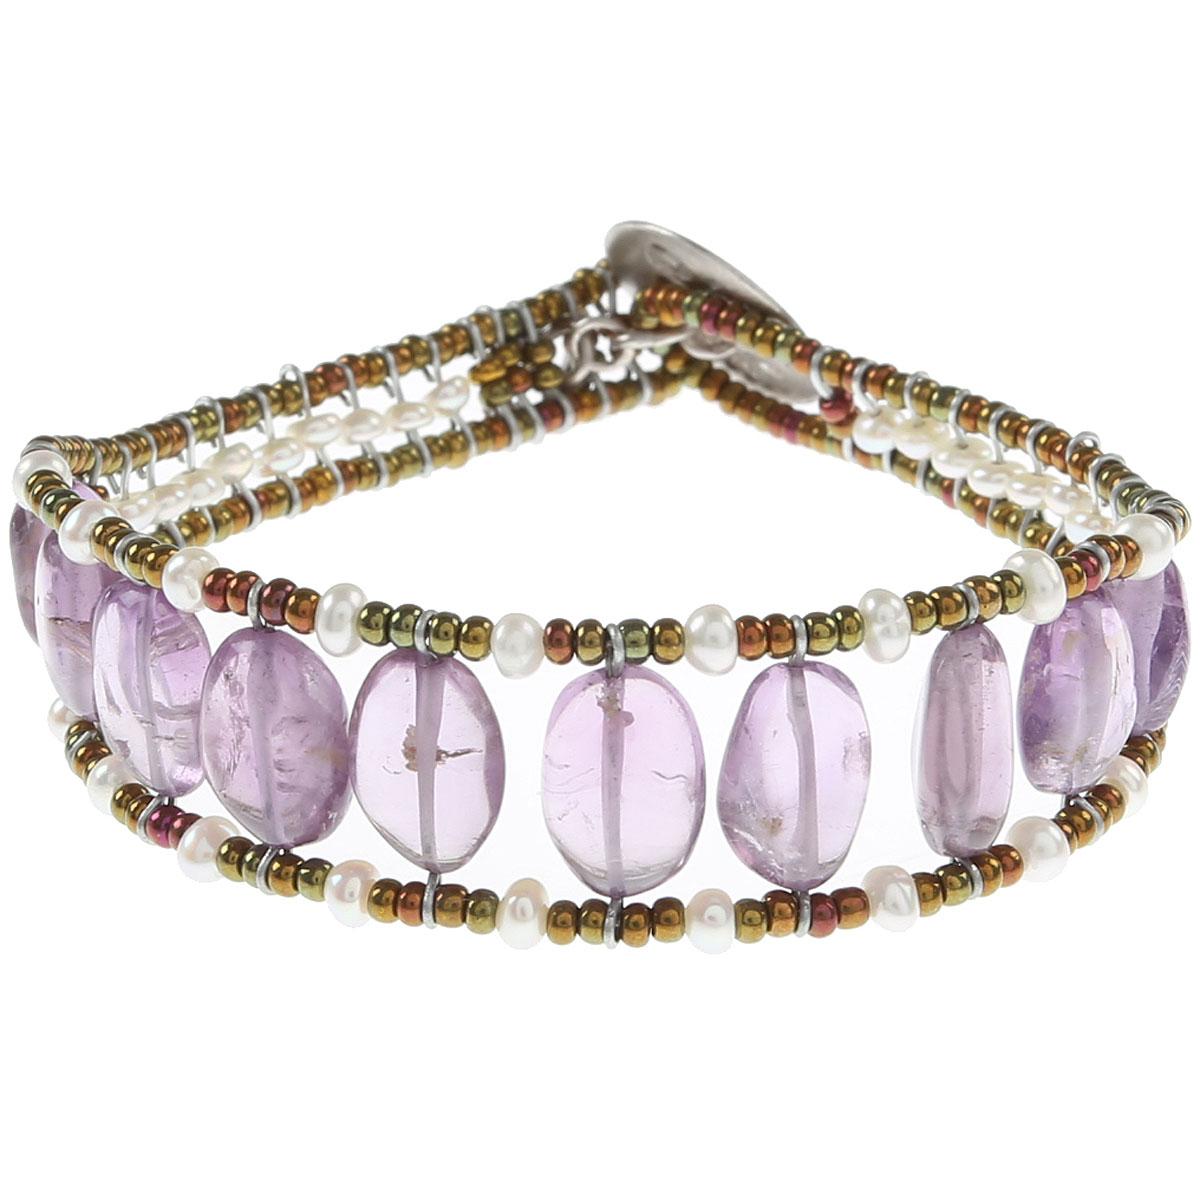 Ziio Jewellery Bracelet for Women On Sale, Violet, Amethyst, 2019